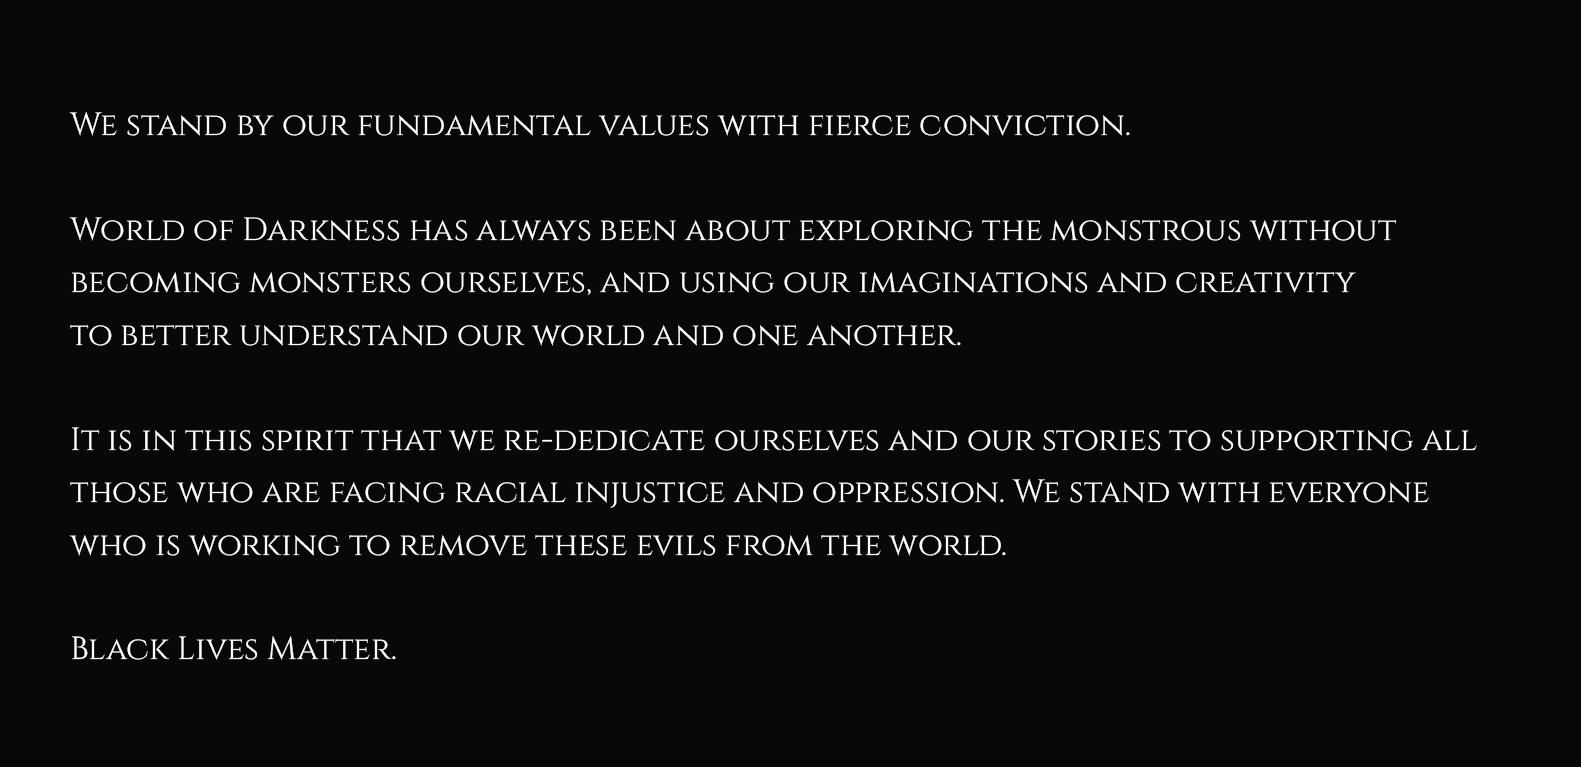 Graphik mit Text: Wir stehen zu unseren Werten mit grimmiger Überzeugung!  In der World of Darkness ging es immer darum ein Monster zu spielen, ohne selbst zum Monster zu werden! Darum unsere Vorstellungskraft und Kreativität zu nutzen um unsere Welt und Andere besser zu verstehen!  Im Geiste dessen widmen wir erneut uns, und unsere Geschichten, all jenen die rassistische Ungerechtigkeit und Unterdrückung ausgesetzt sind! Wir stehen auf der Seite all jener die daran arbeiten diese Übel aus der Welt zu entfernen!  Black Lives Matter! (Schwarze Leben sind wichtig!)